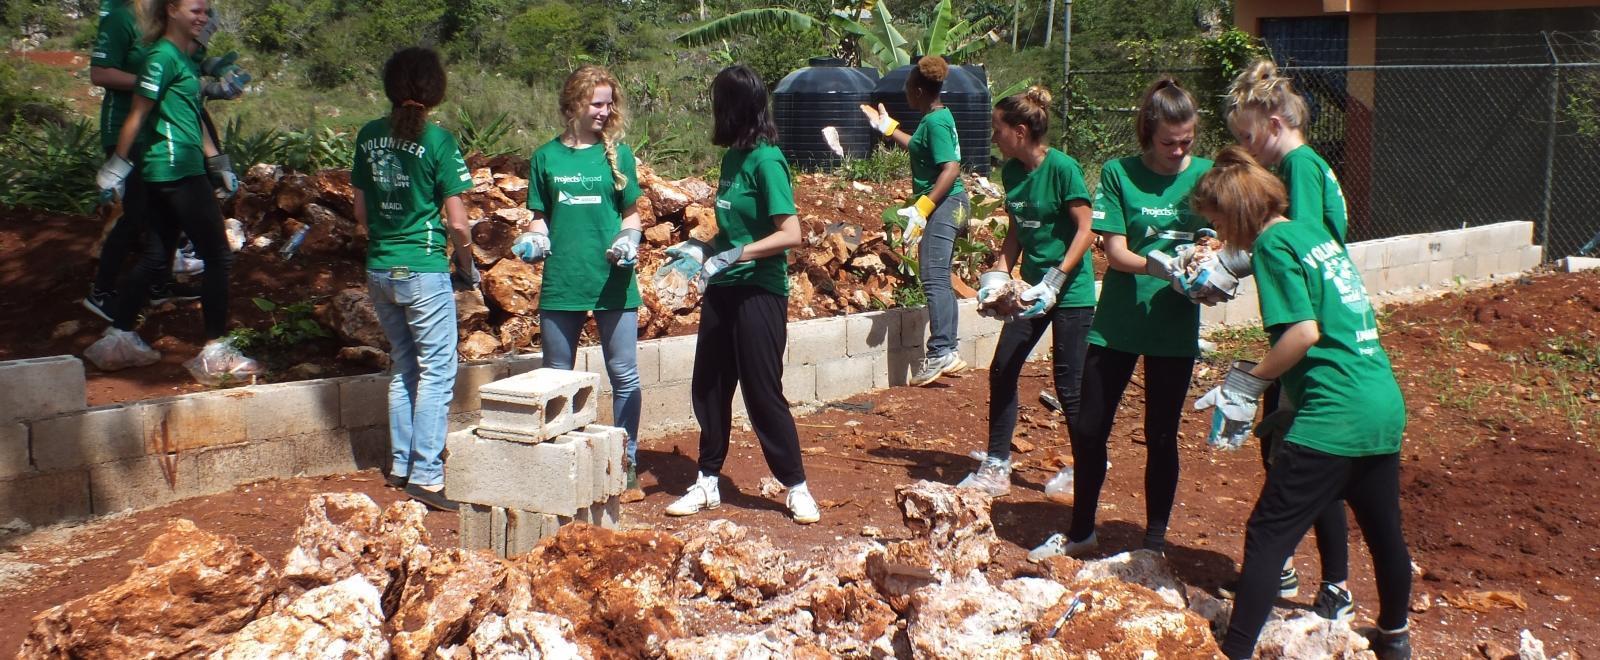 Voluntarios ayudando a cavar cimientos en un voluntariado corto en Jamaica.